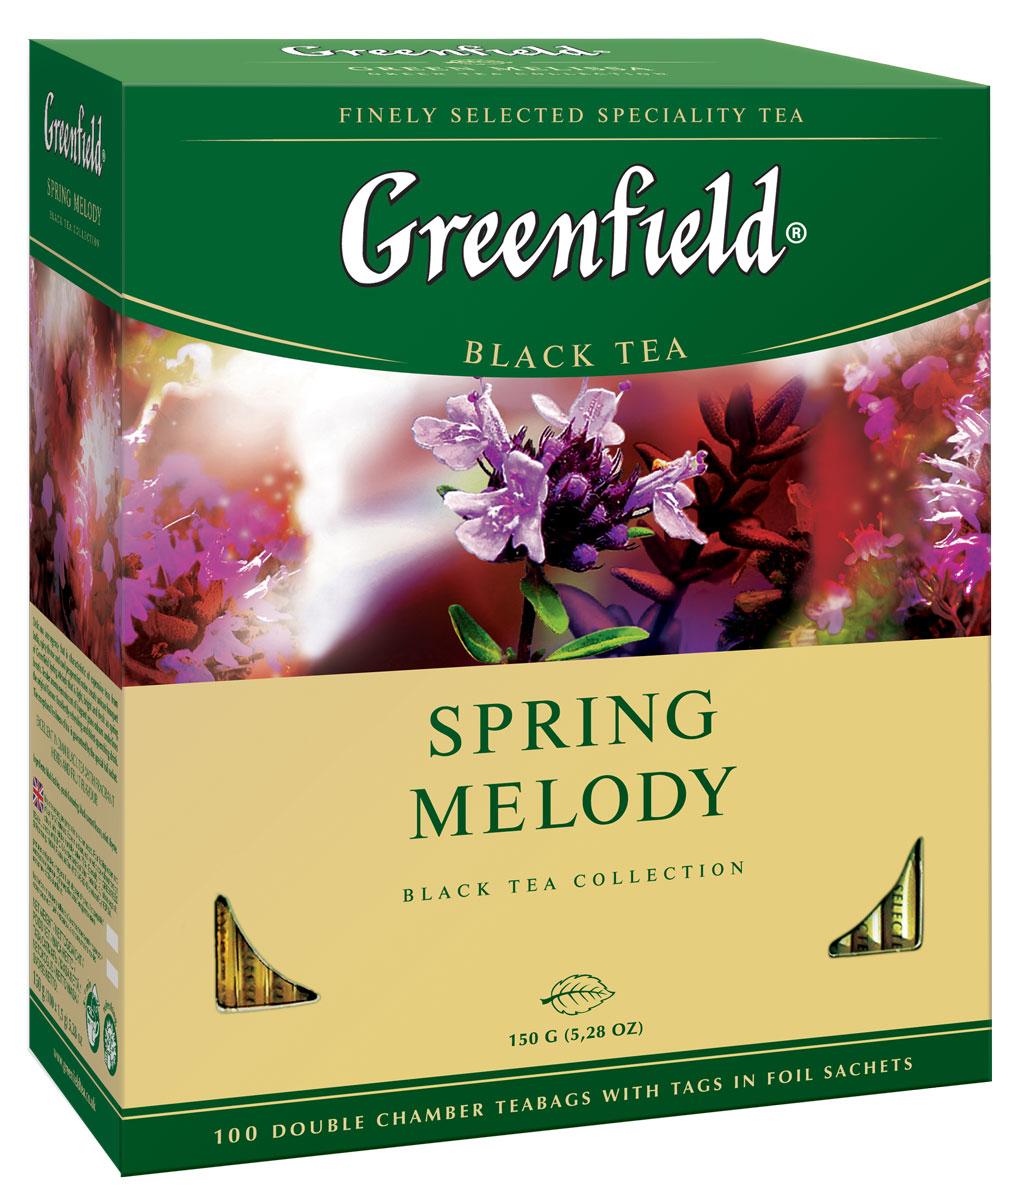 Greenfield Spring Melody черный чай в пакетиках, 100 шт0120710Приятная терпкость, присущая дорогим сортам индийского чая, пряный оттенок чабреца и прохладная мятная нотка создают неповторимый букет Greenfield Spring Melody - легкий, яркий и свежий, как дыхание весны. Нежный аромат, в котором слышится благоухание душистых трав, подчеркивает индивидуальность вкуса. Хорошо освежает и утоляет жажду.